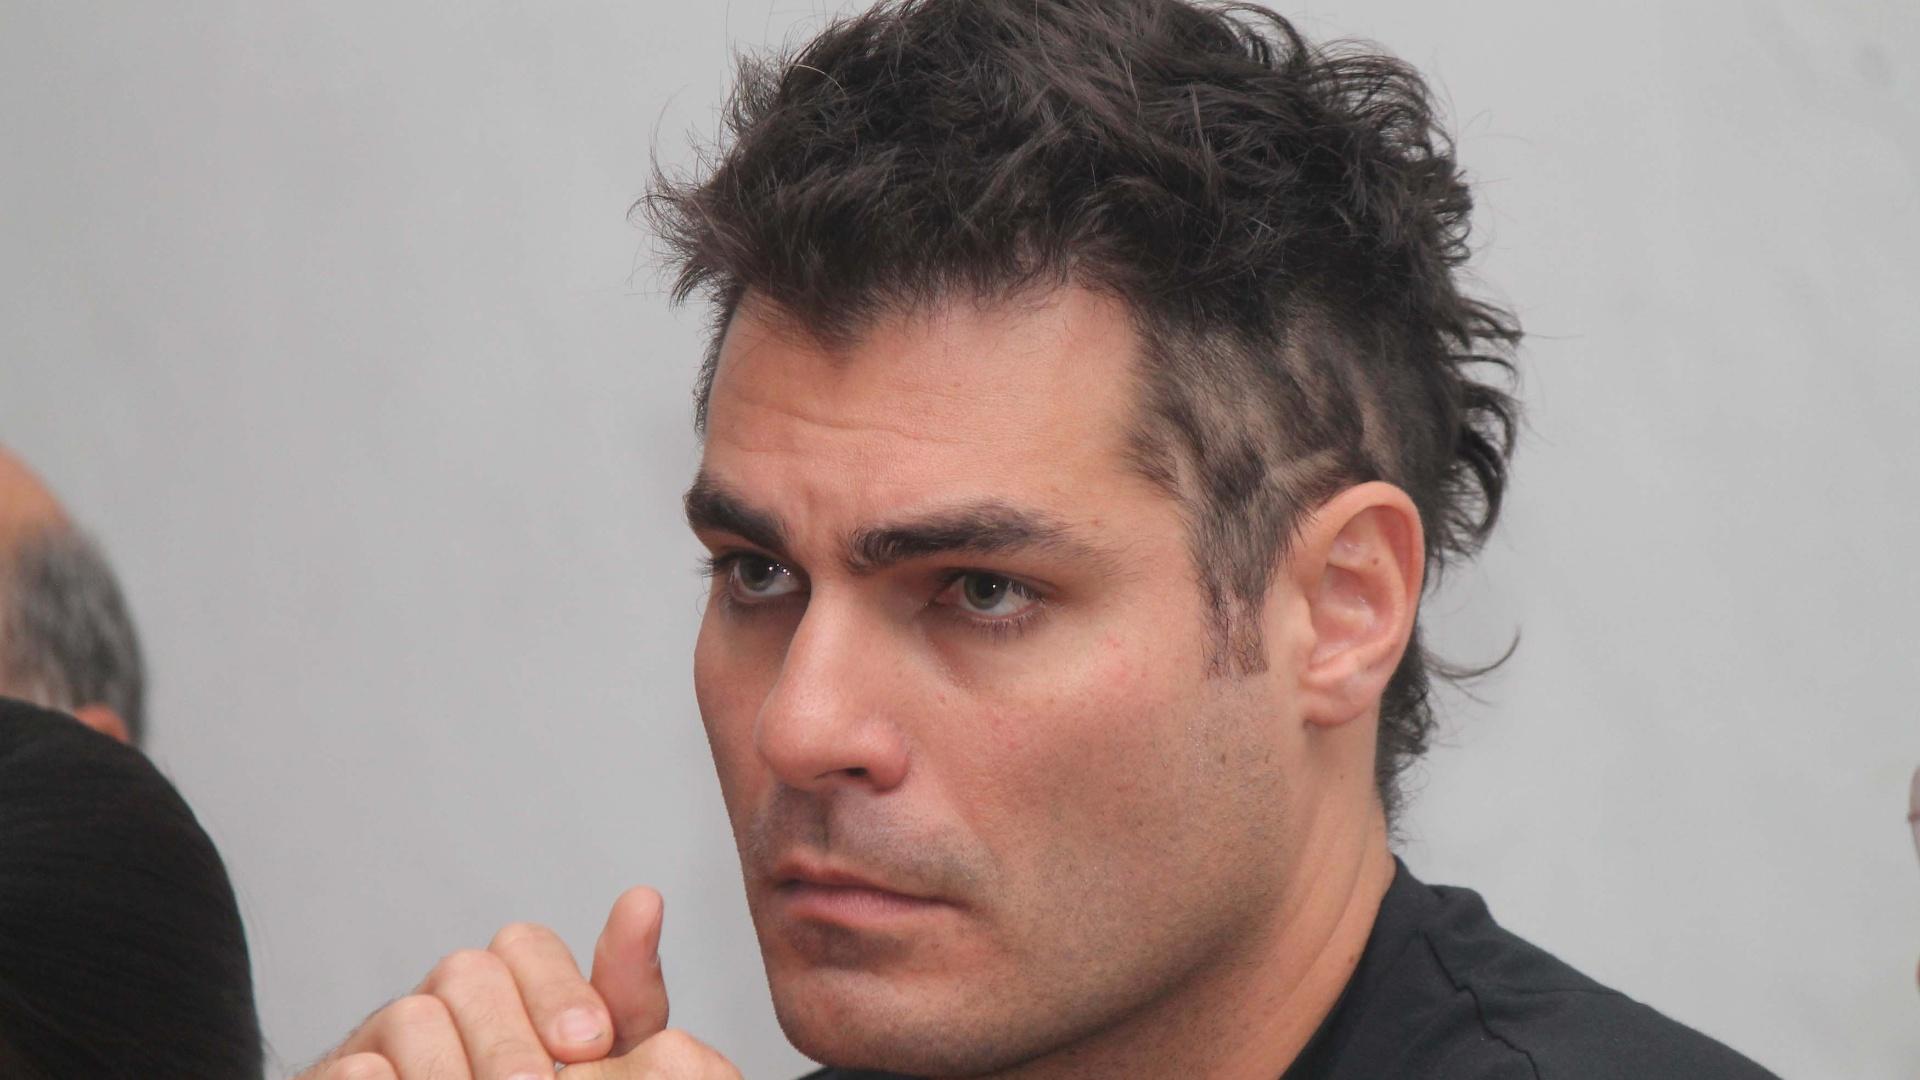 Durante coletiva (10/10/12), o ator Thiago Lacerda exibe moicano que pretende usar na montagem de